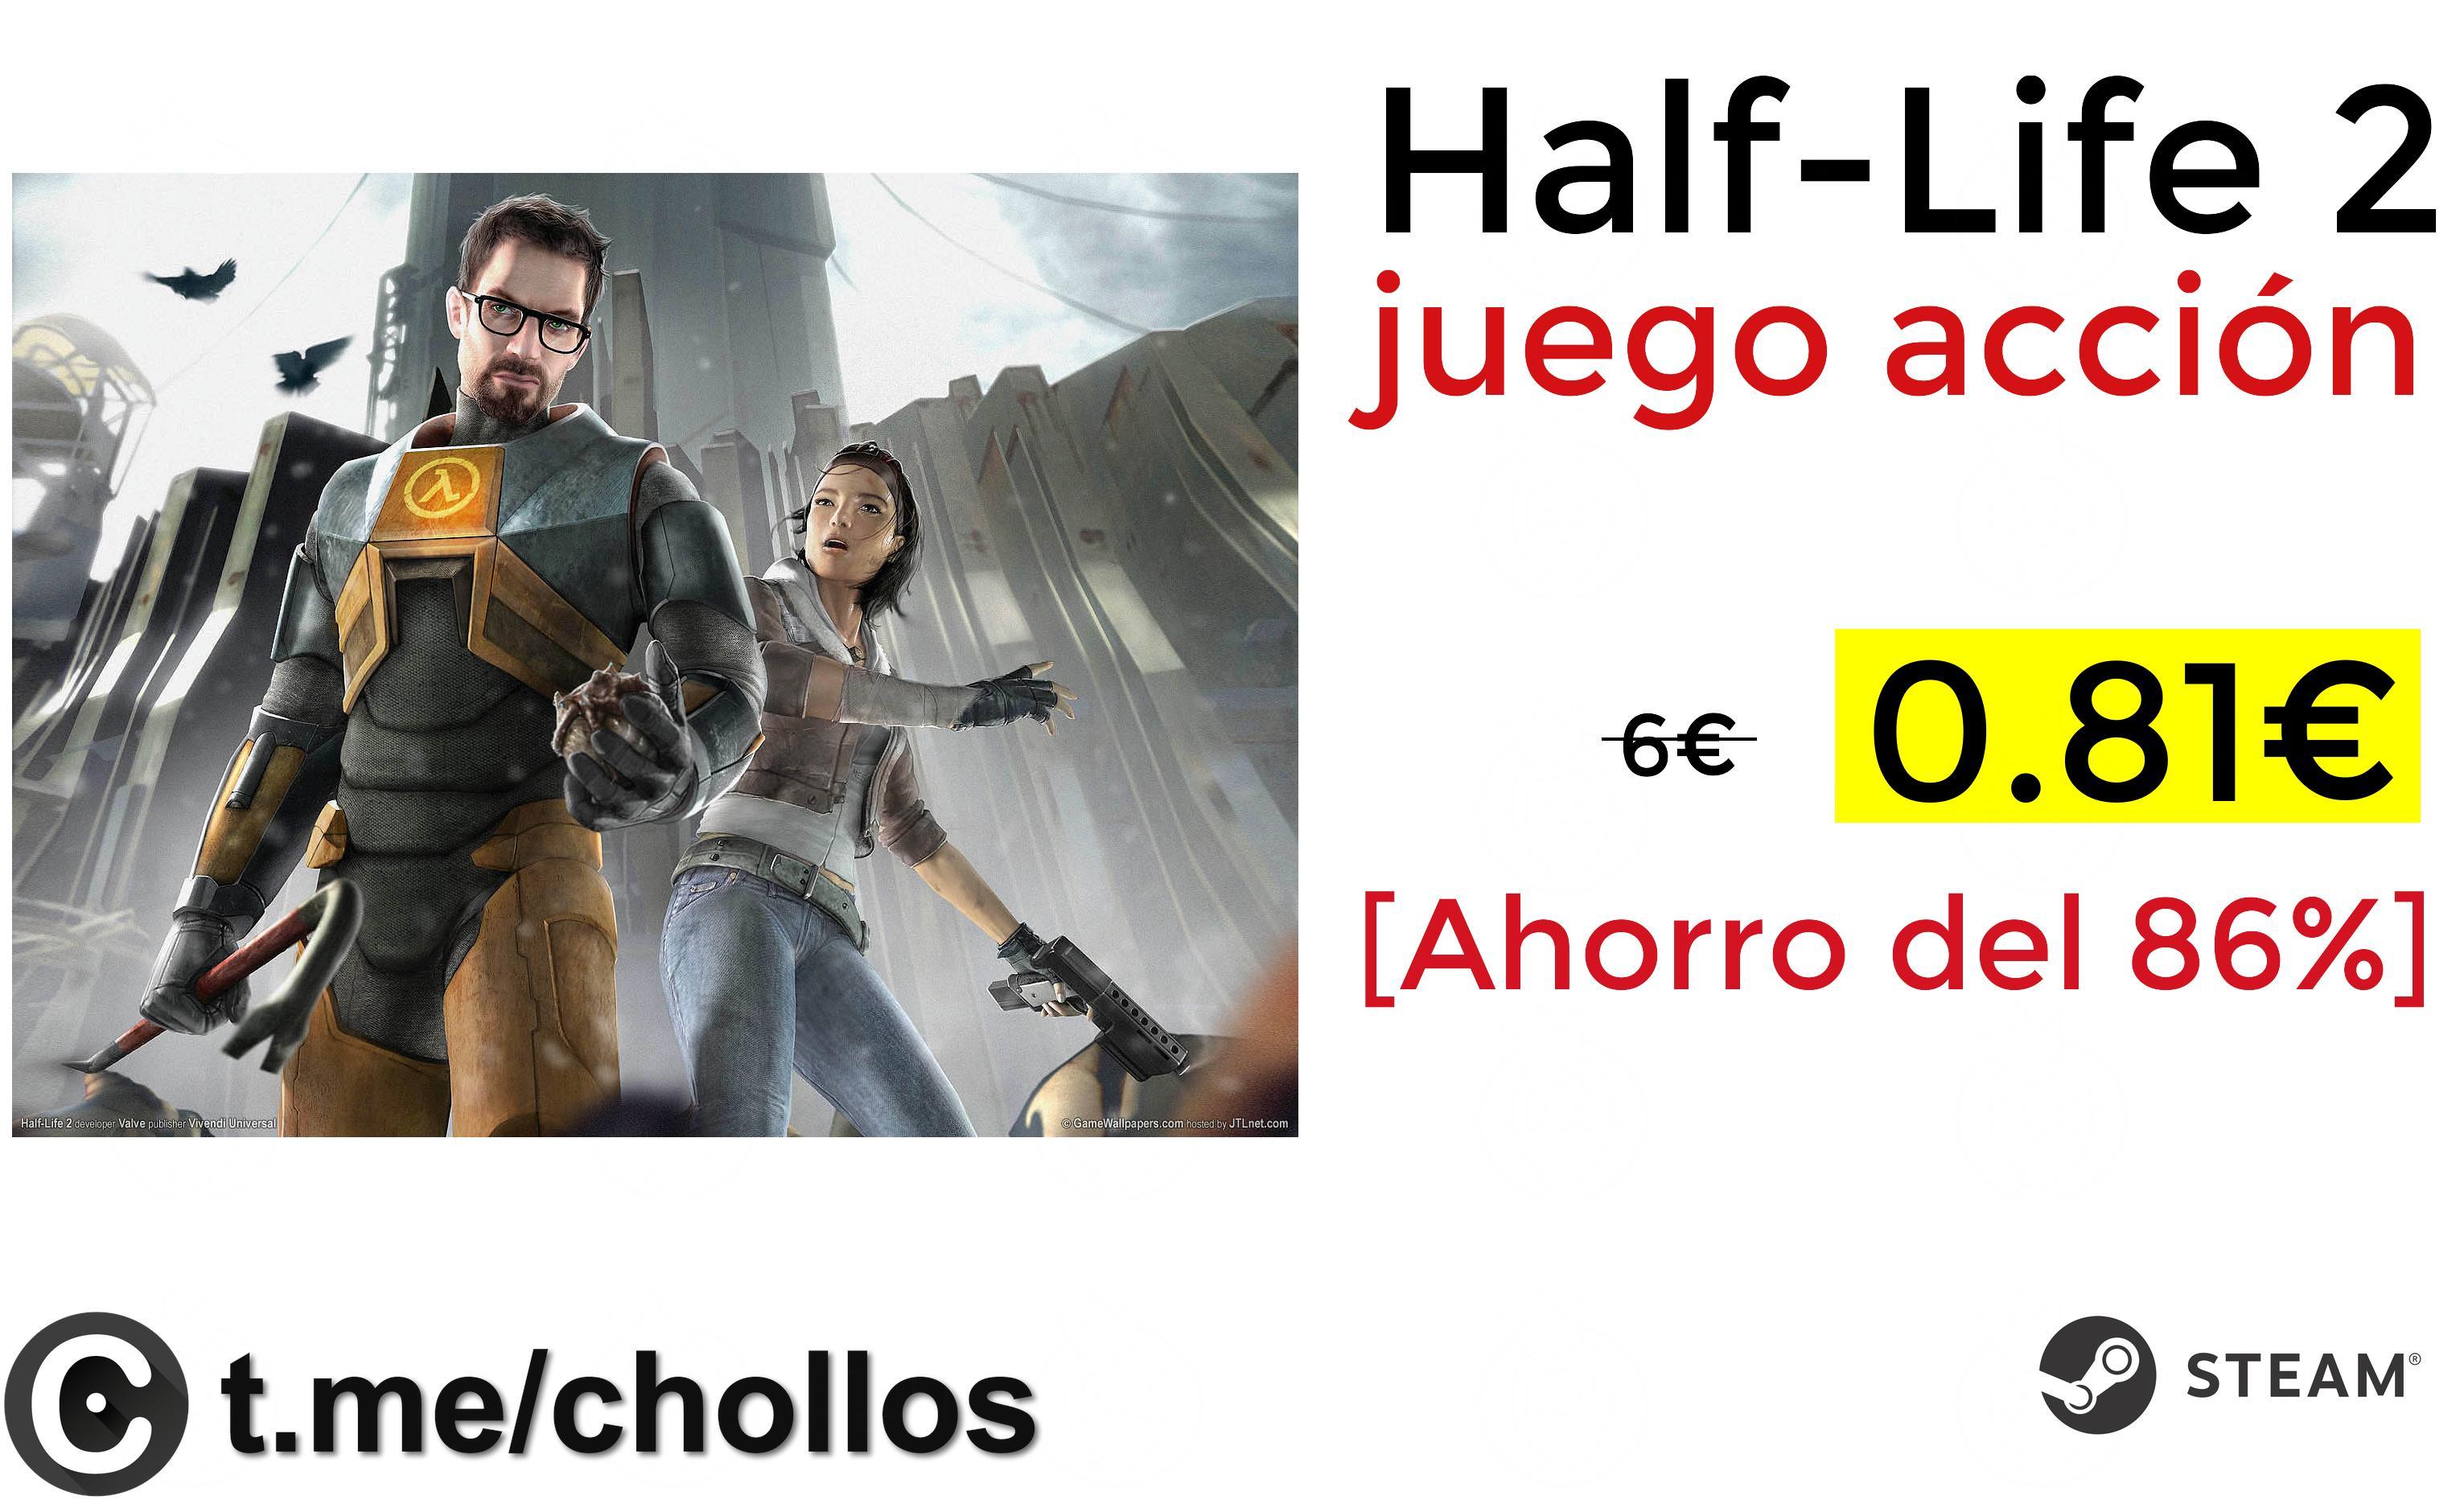 Half-Life 2 juego acción solo 0.81€